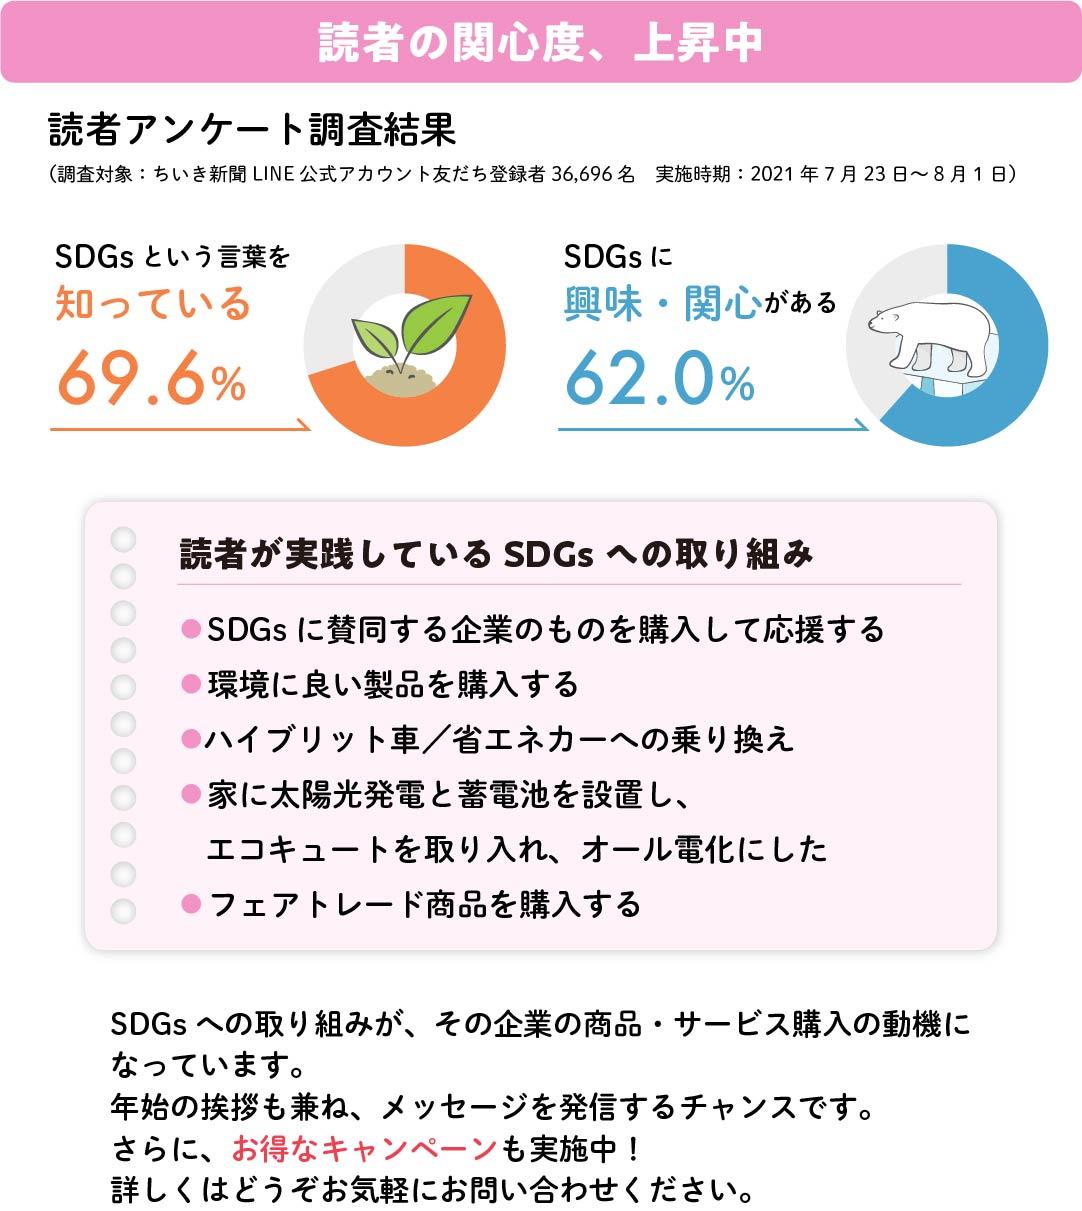 読者アンケート調査結果 読者が実践しているSDGsへの取り組み SDGs